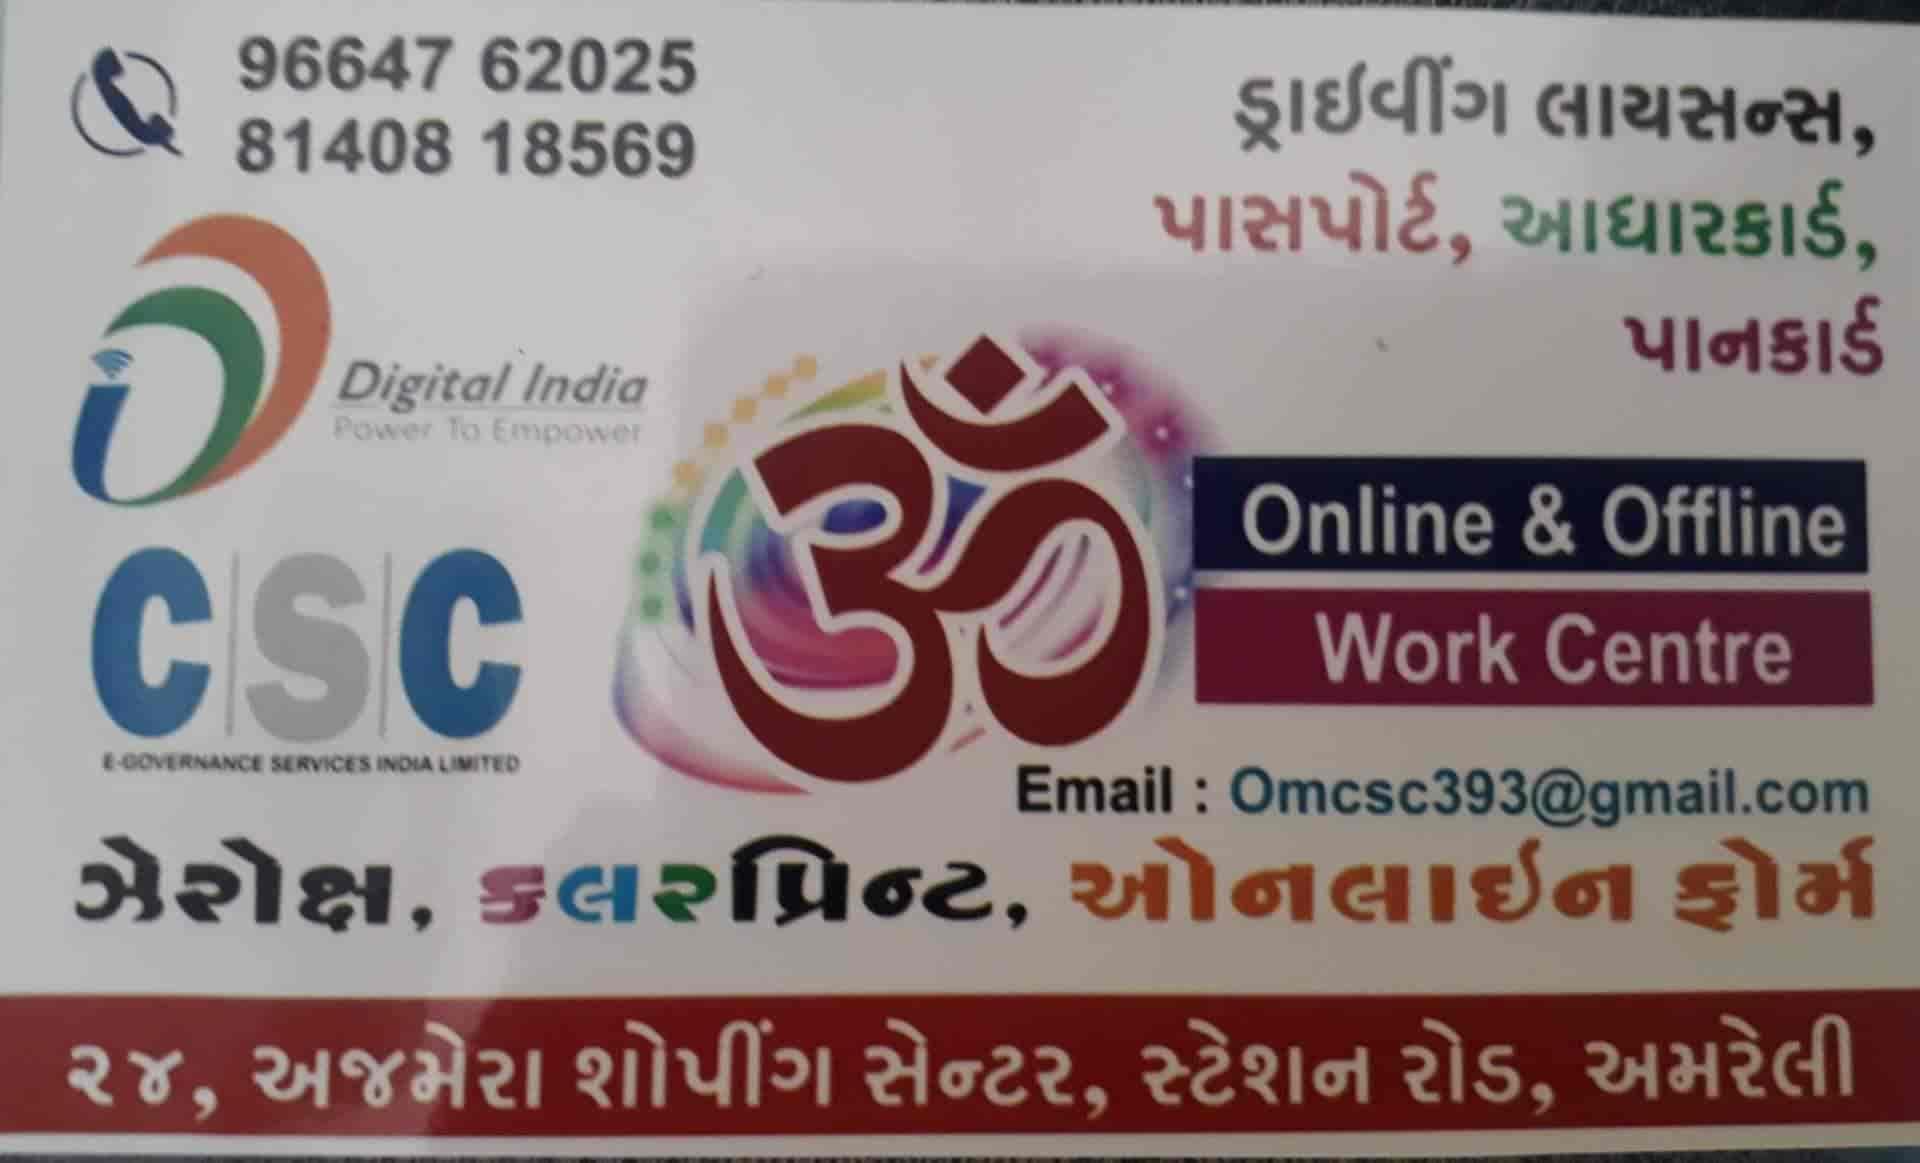 Om E Service, Station Road - RTO Consultants in Amreli